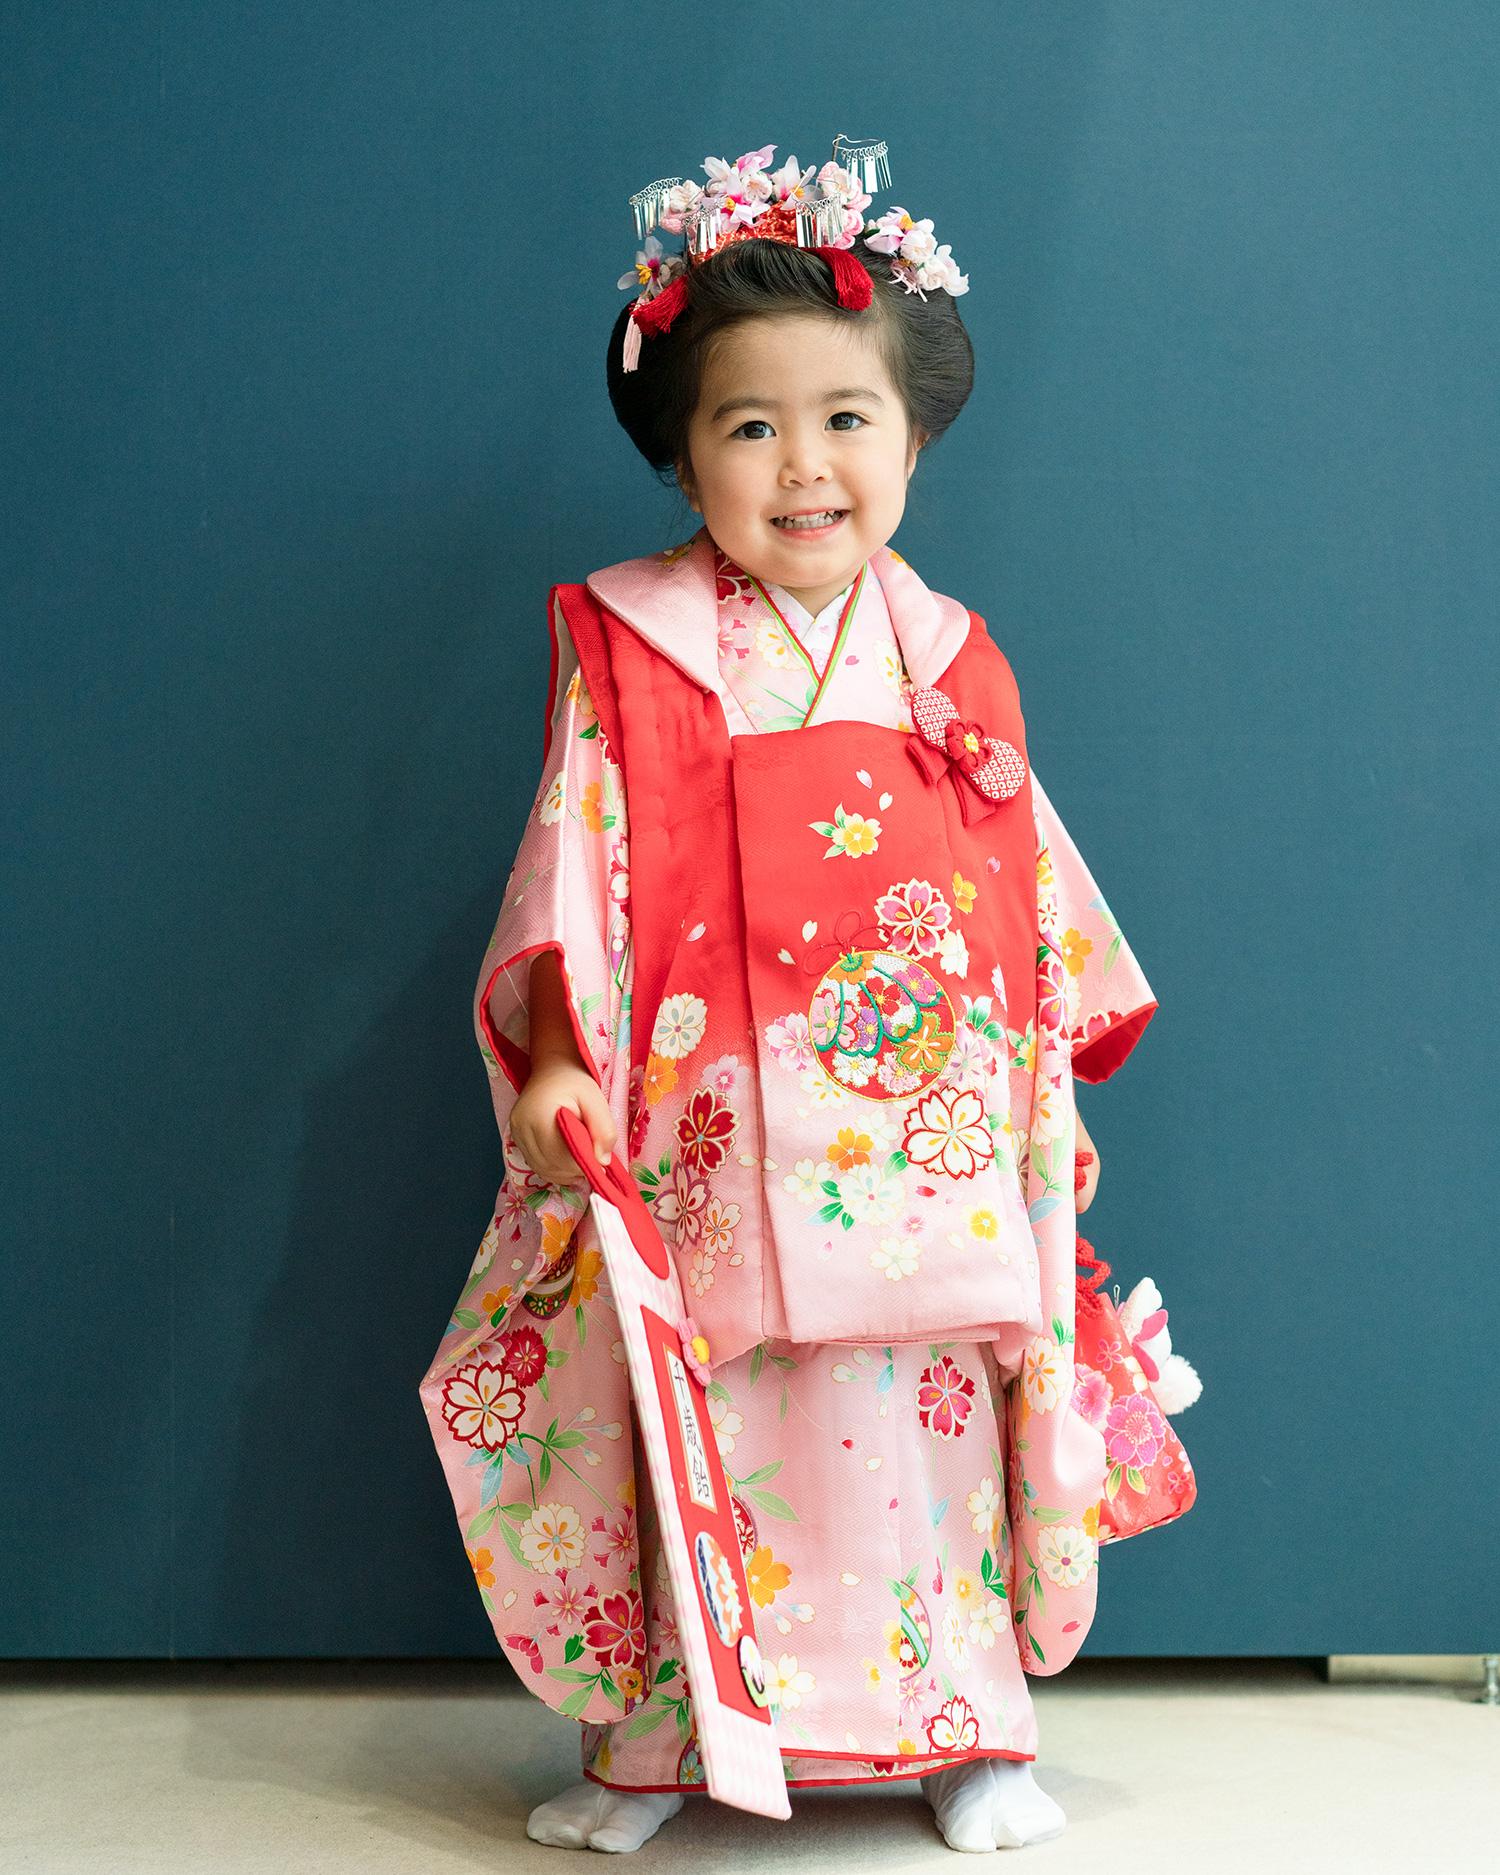 七五三の3歳被布レンタル(品番kd-20)の着姿